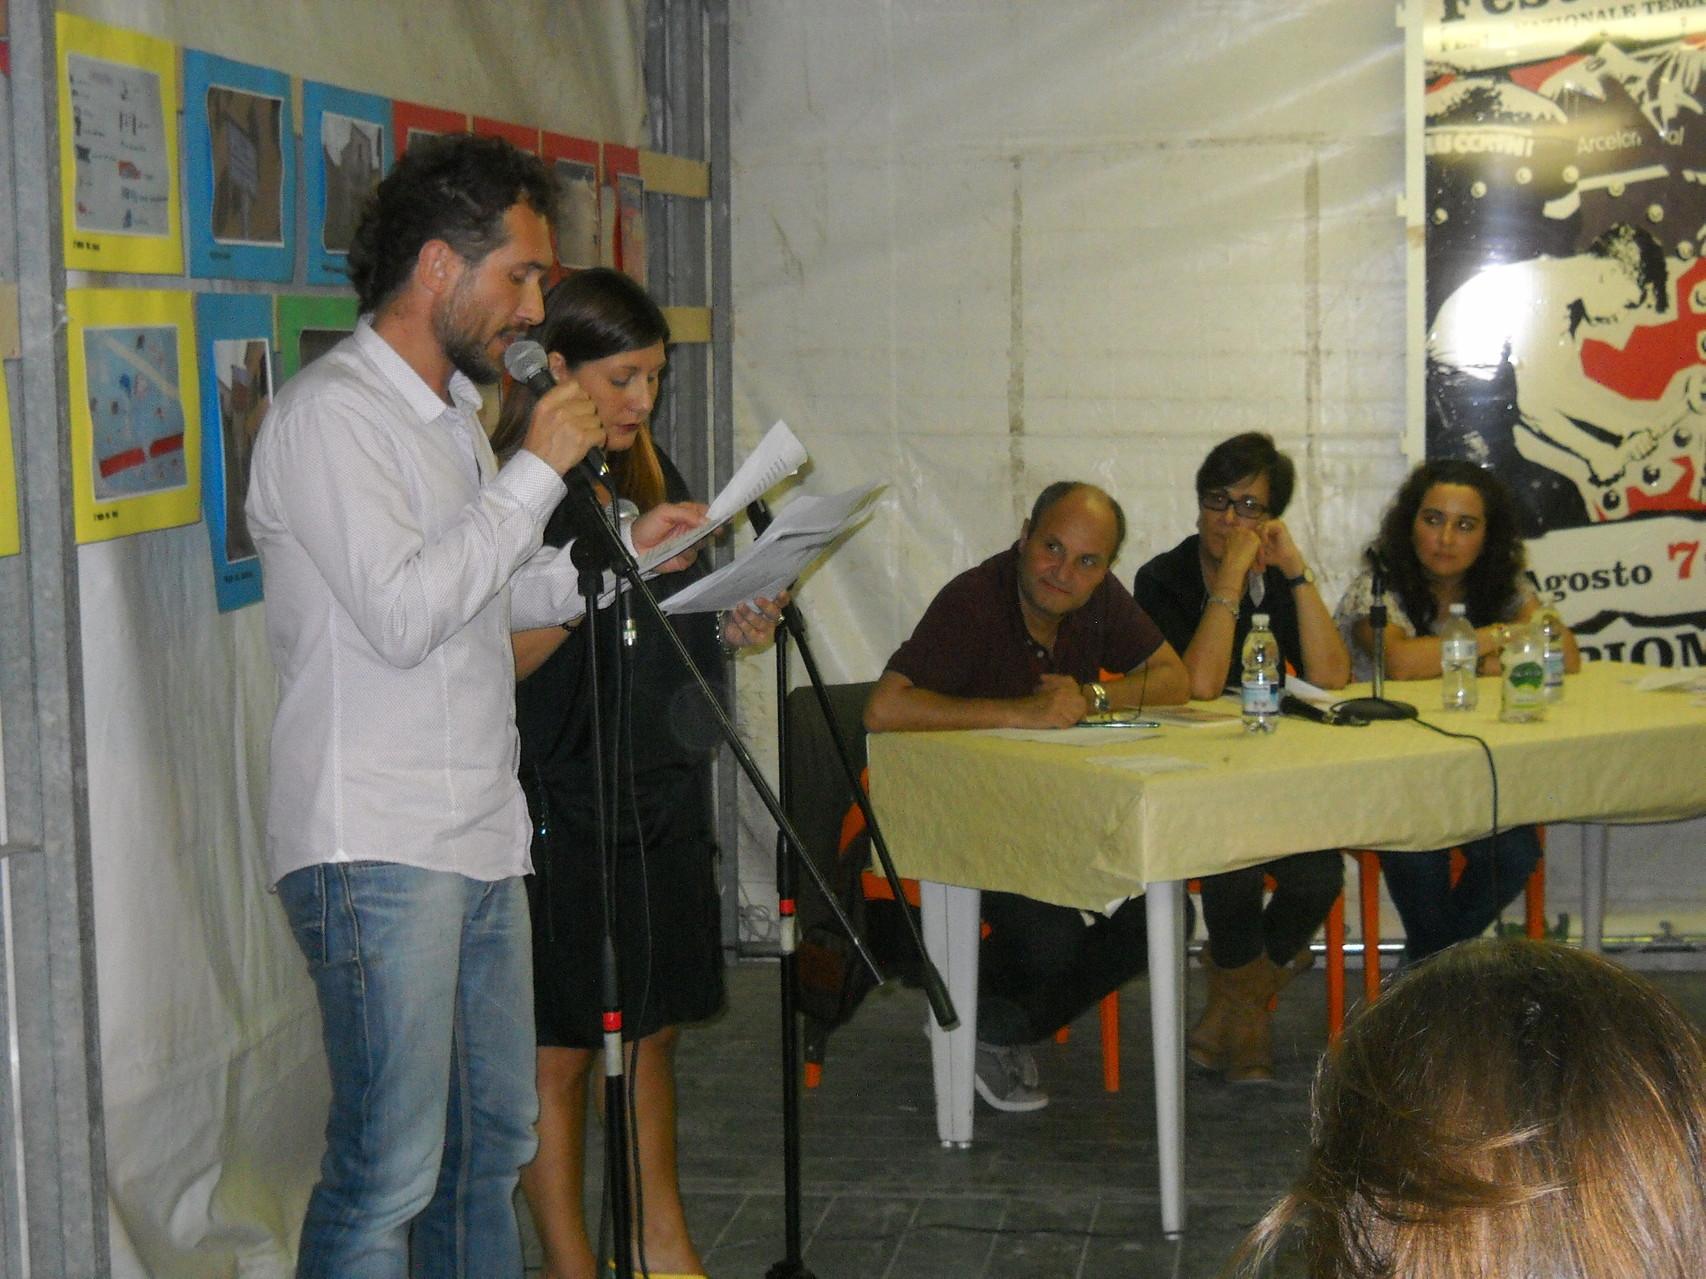 Gli attori Daniele Gargano e Valentina Brancaleone del Teatro dell'Aglio che interpretano una poesia tratta dal libro dell'autrice.